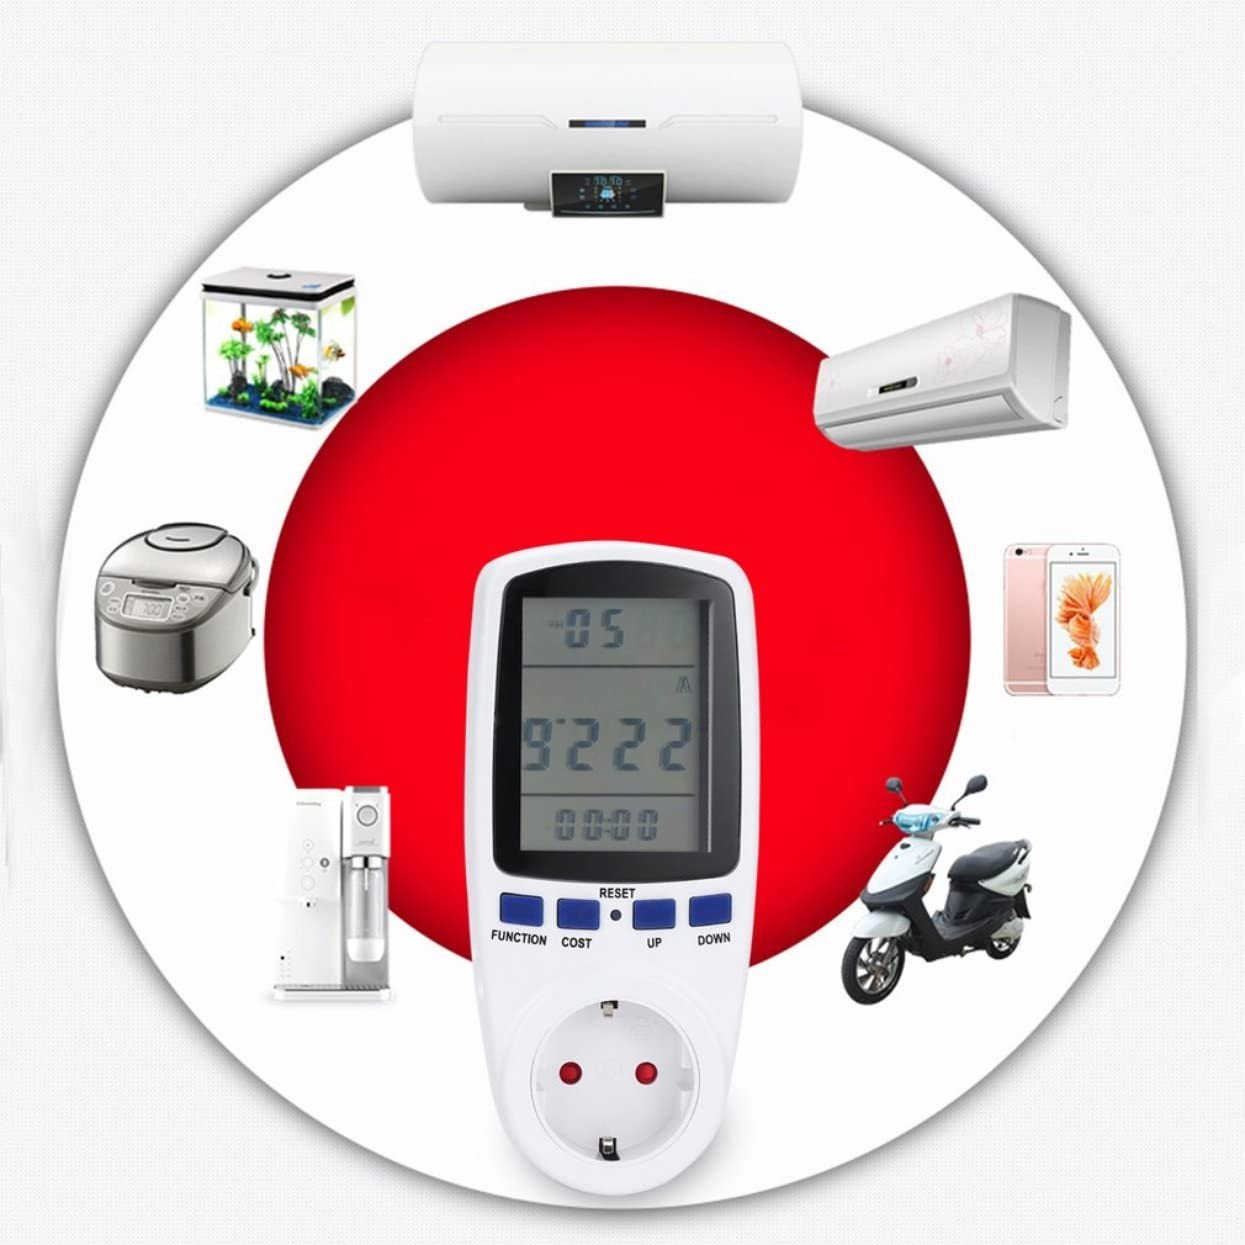 Tree-on-Life 230V 50Hz 16A EU-Stecker LCD-Display Energiez/ähler Watt Volt Spannung Power Analyzer Automatische Strom/überwachung Analyzer Power